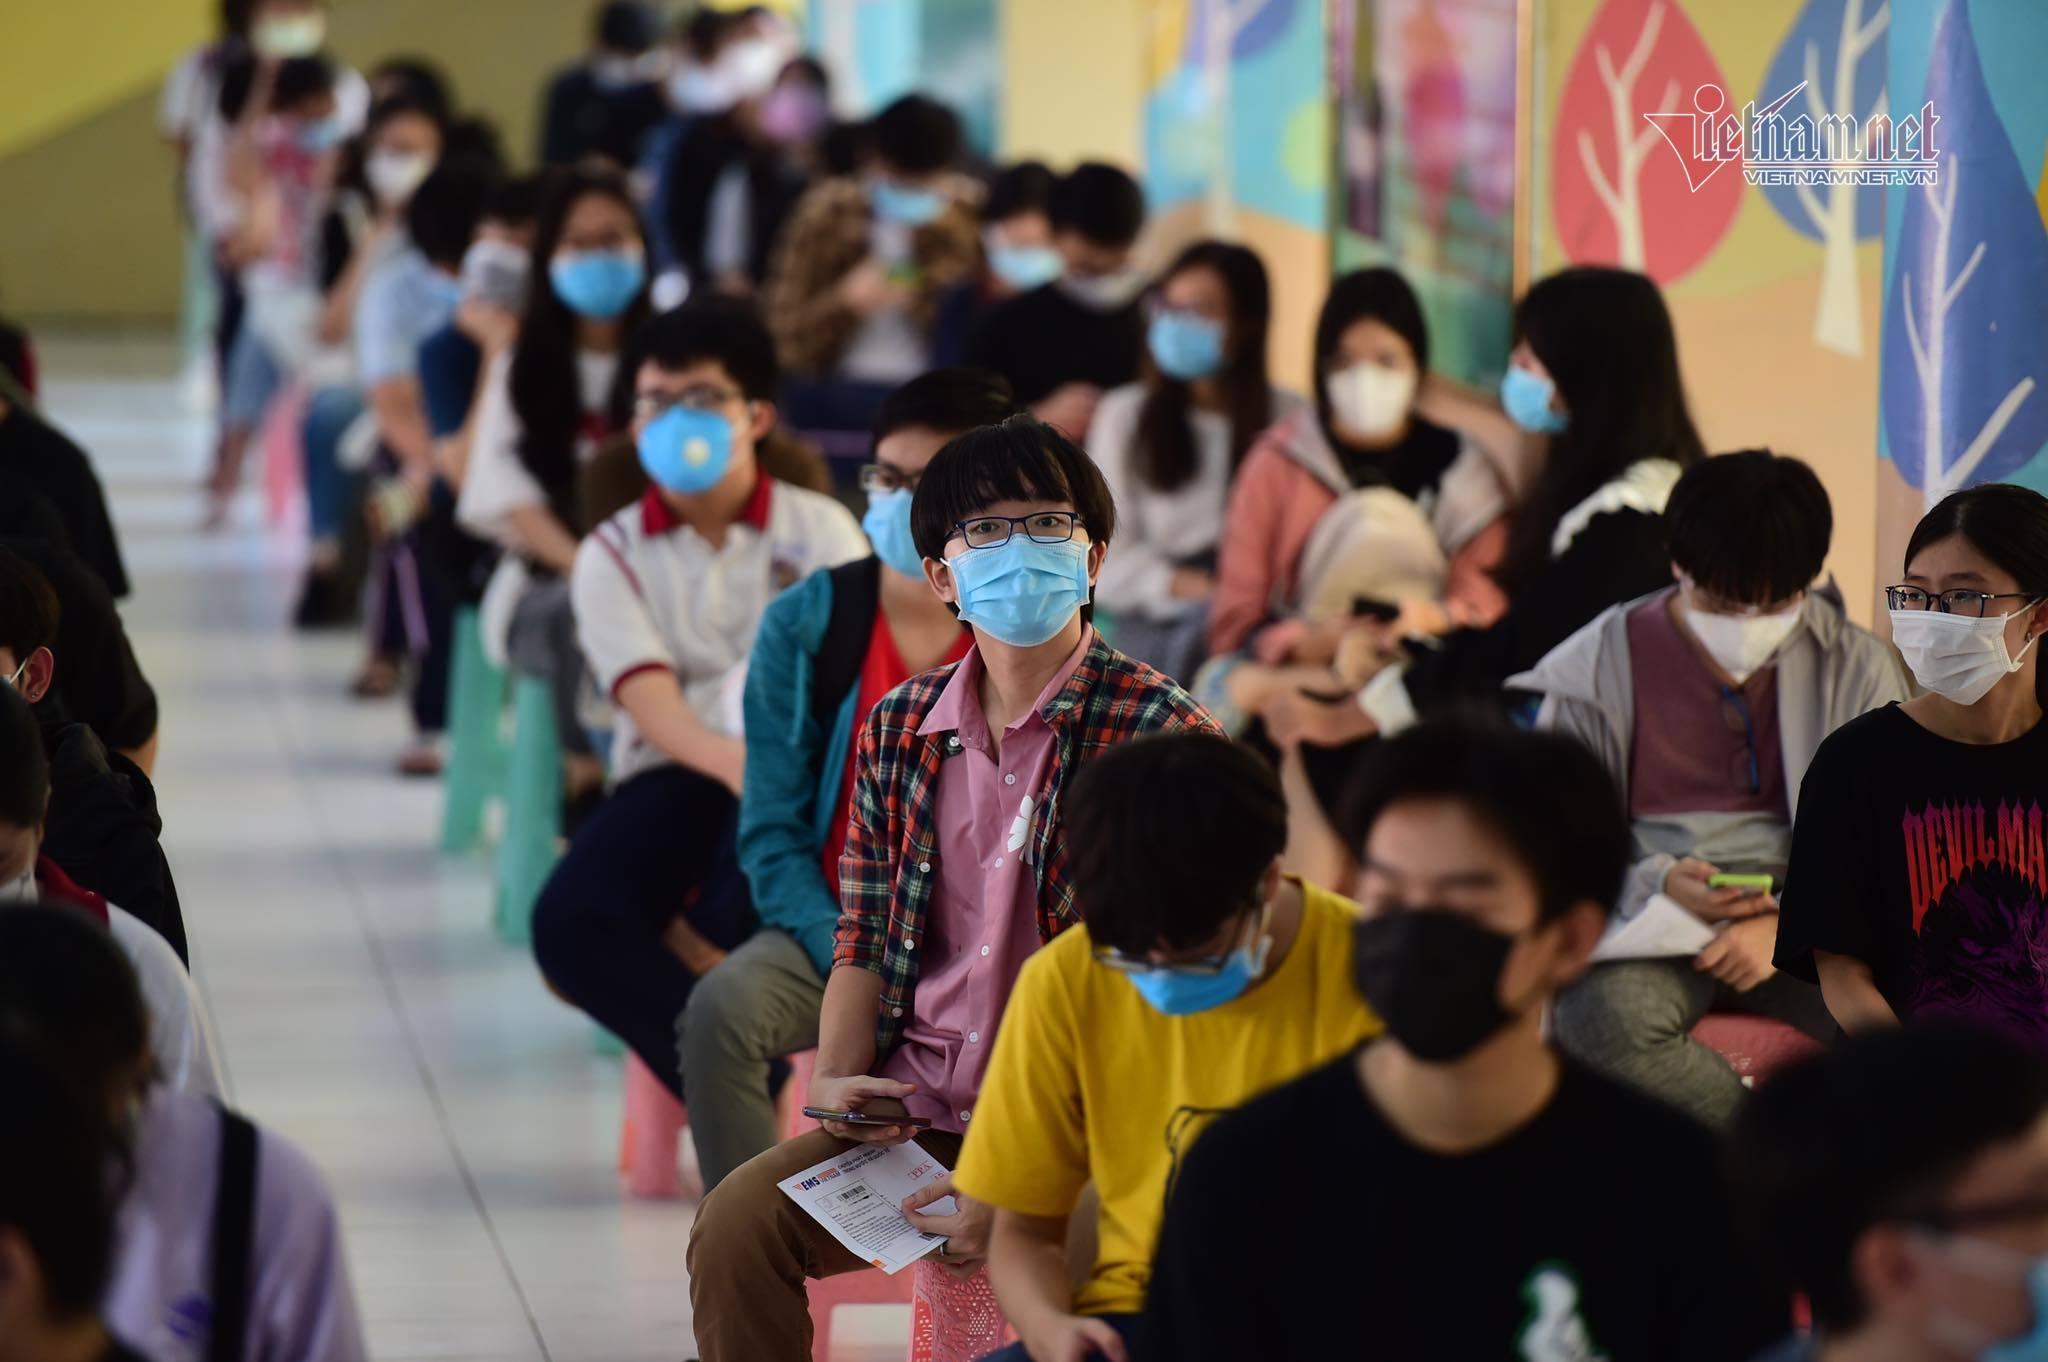 Kiên Giang 'bí mật' phương án đưa đề thi ra đảo Phú Quốc